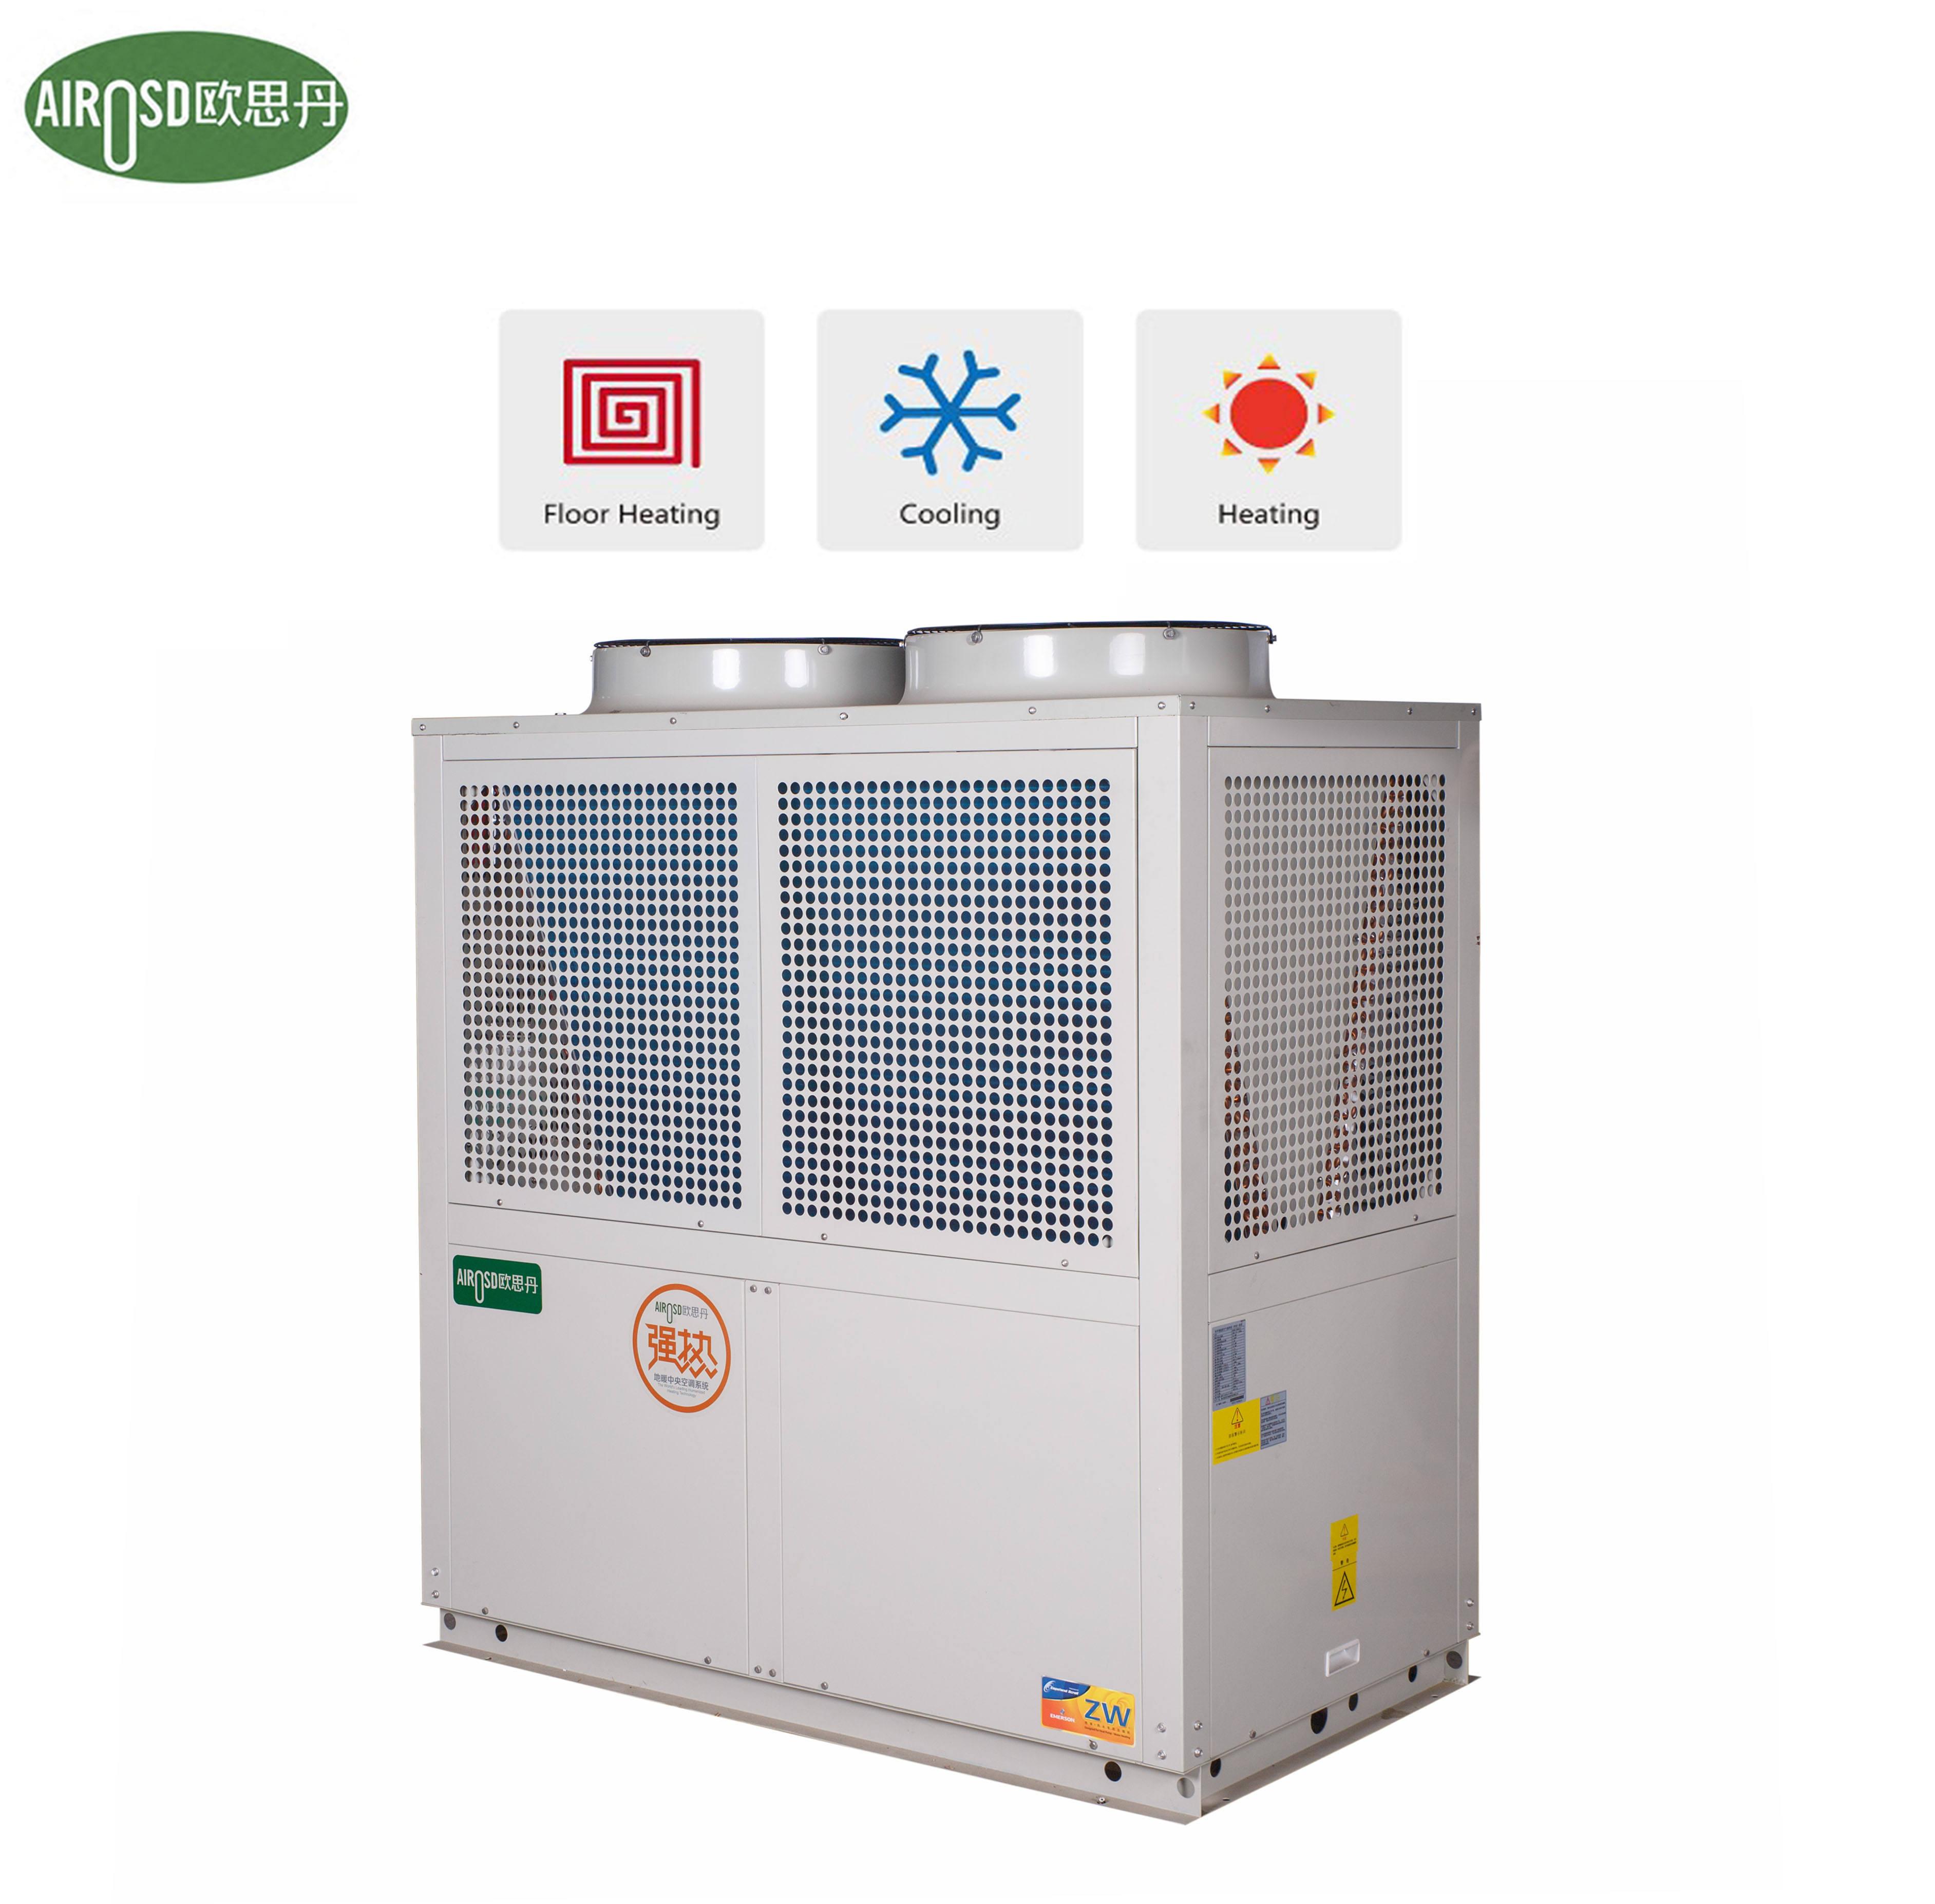 OEM uso clásico con-35C de calor comercial y la bomba de calor de refrigeración 15HP